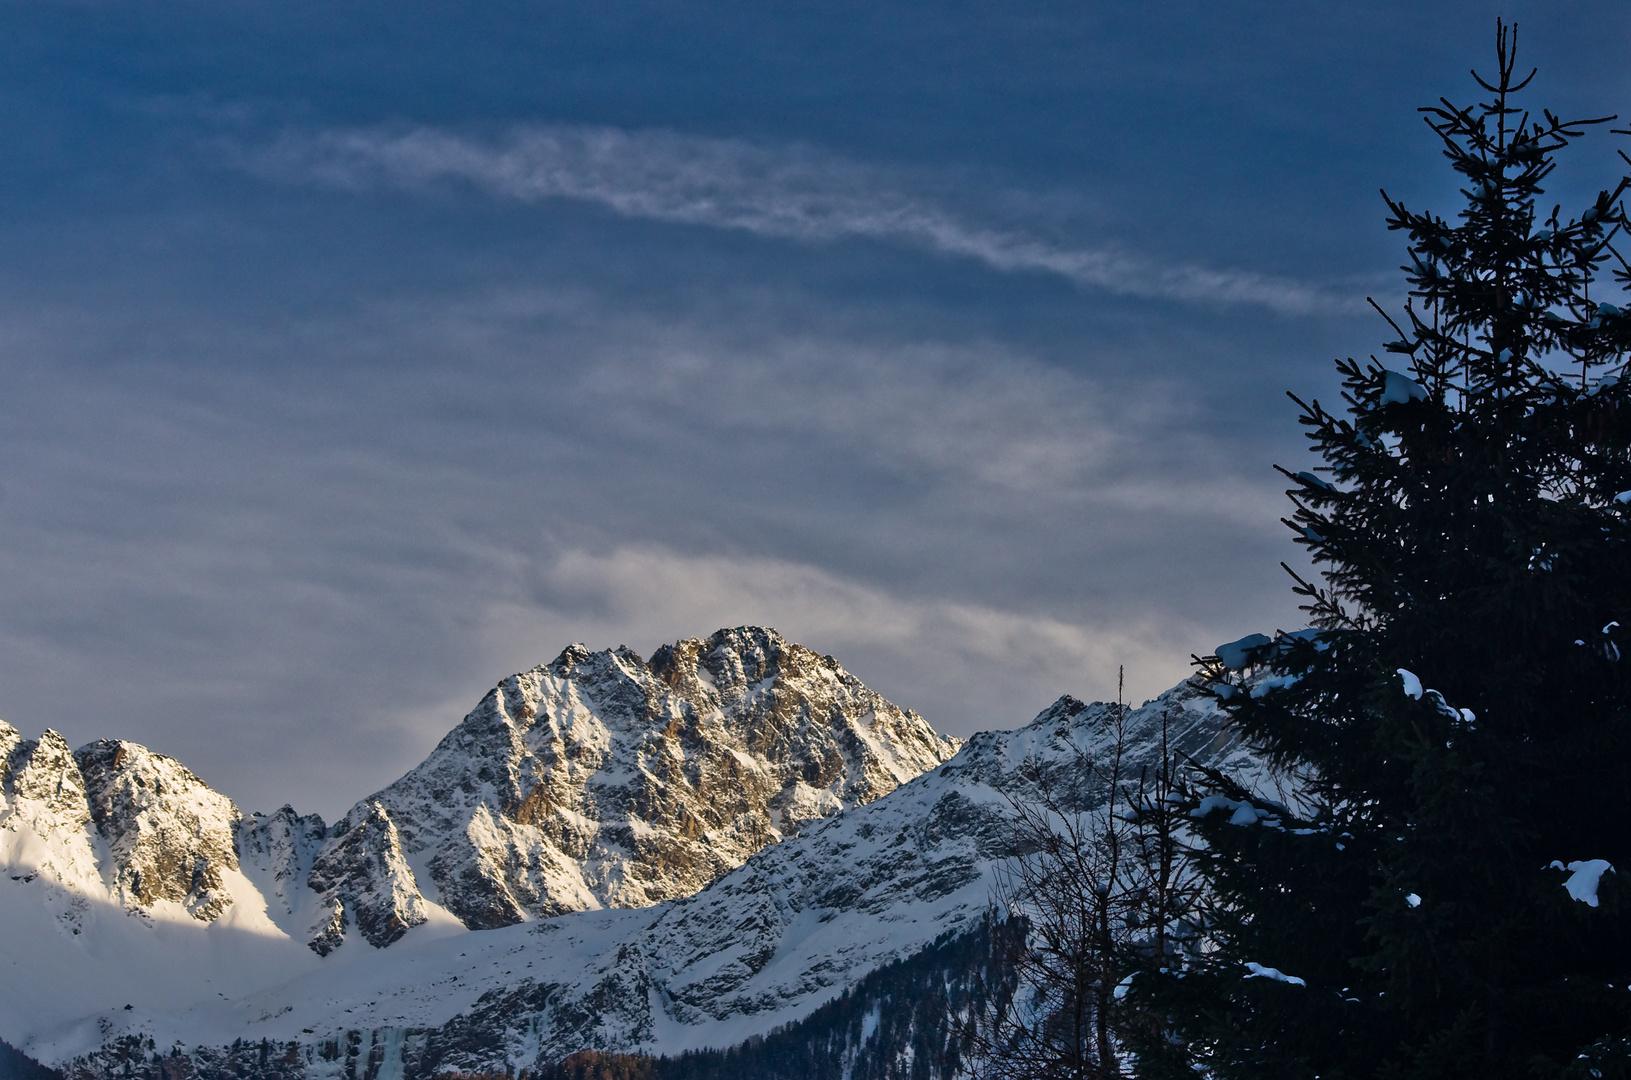 Nochmal unbekannter Berg